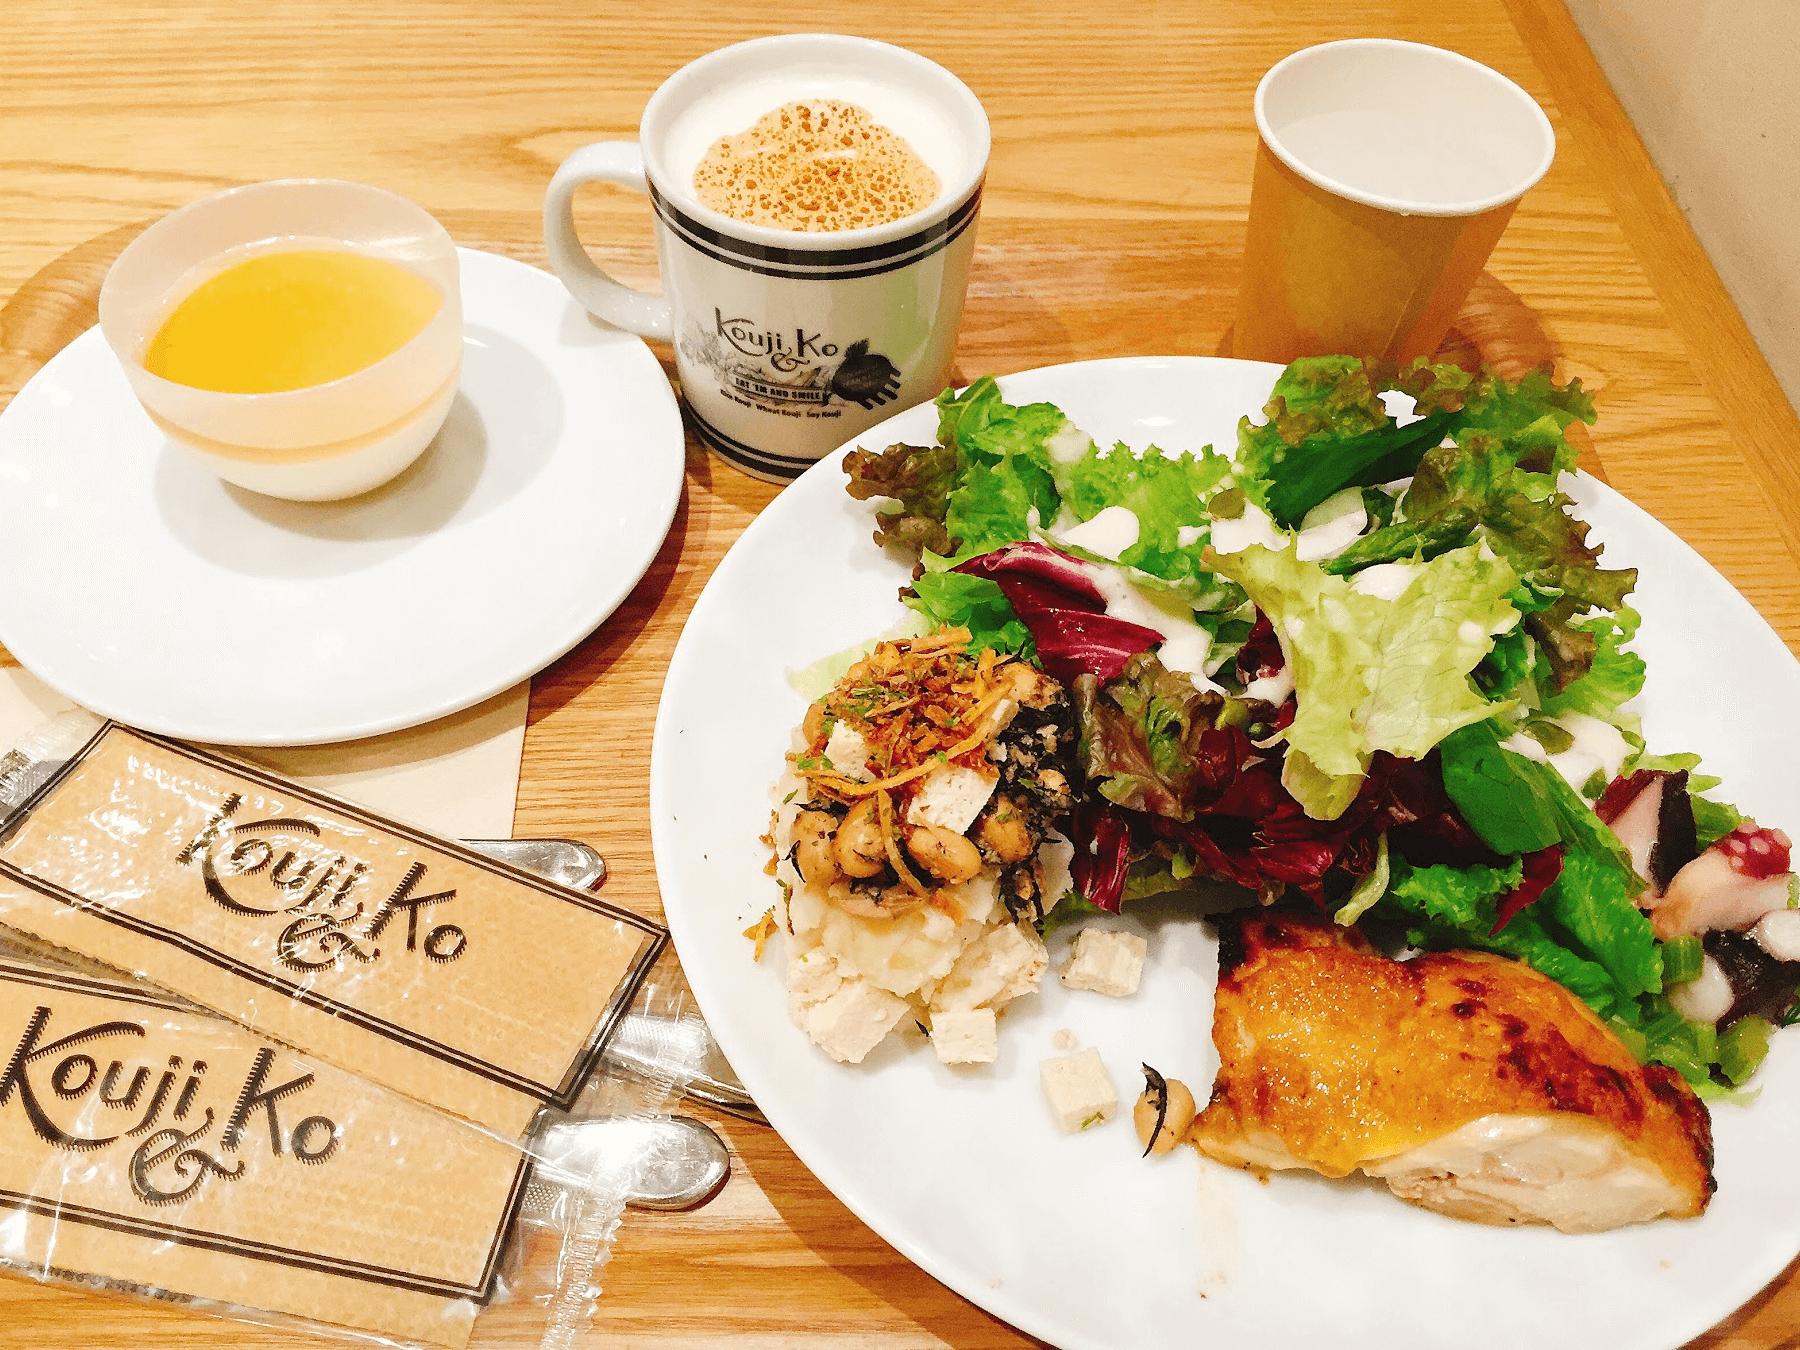 【新宿】甘酒や麹の新たな発酵スタイル、発酵デリカデッセン『Kouji&ko』新宿高島屋店に行ってみた!